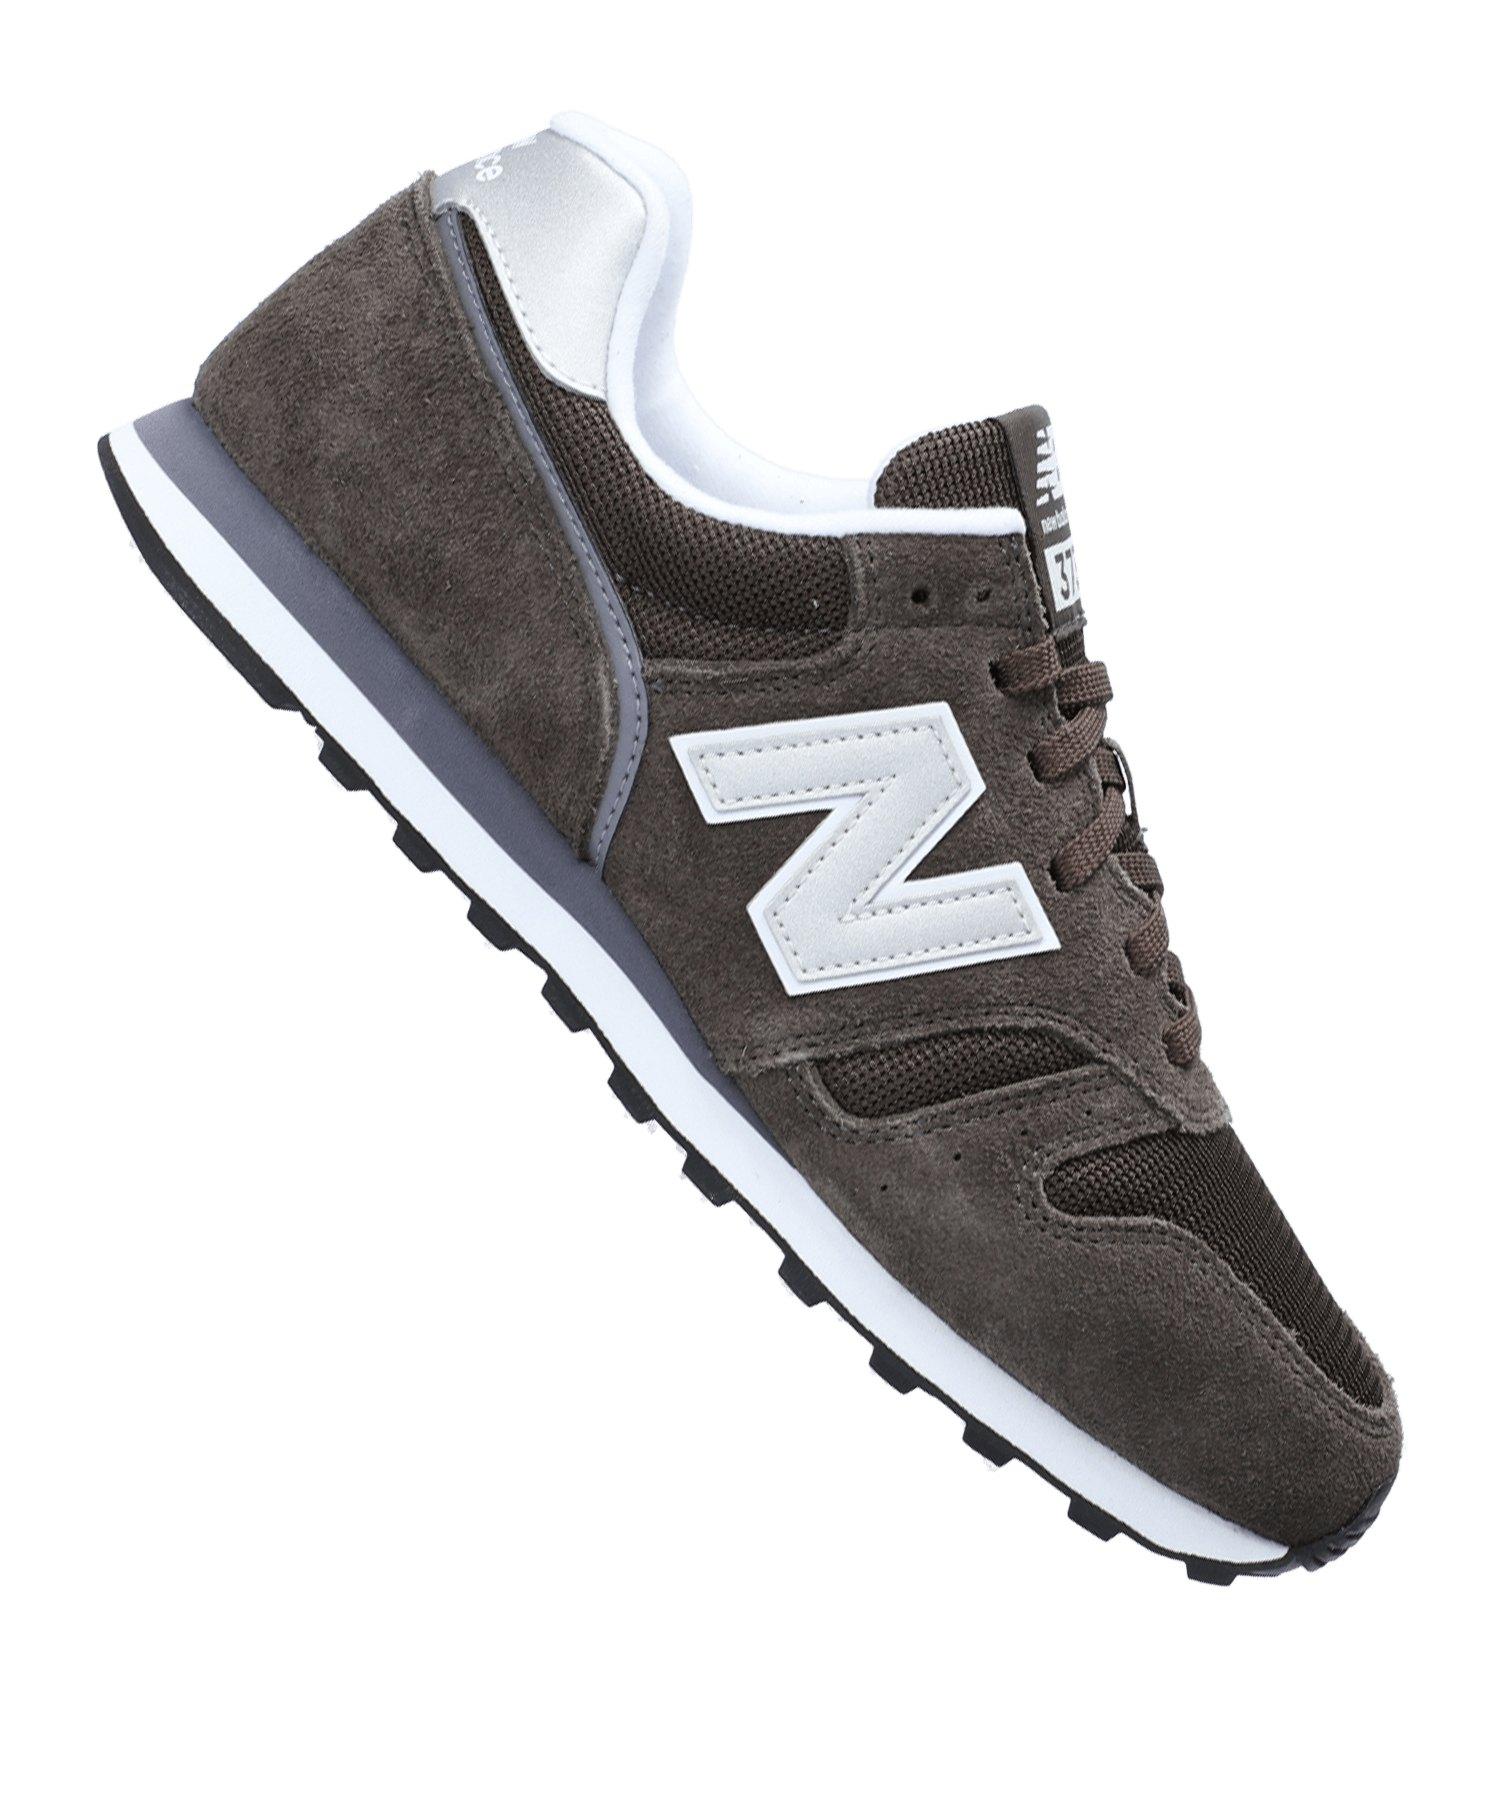 New Balance ML373 D Sneaker Grün F20 - gruen